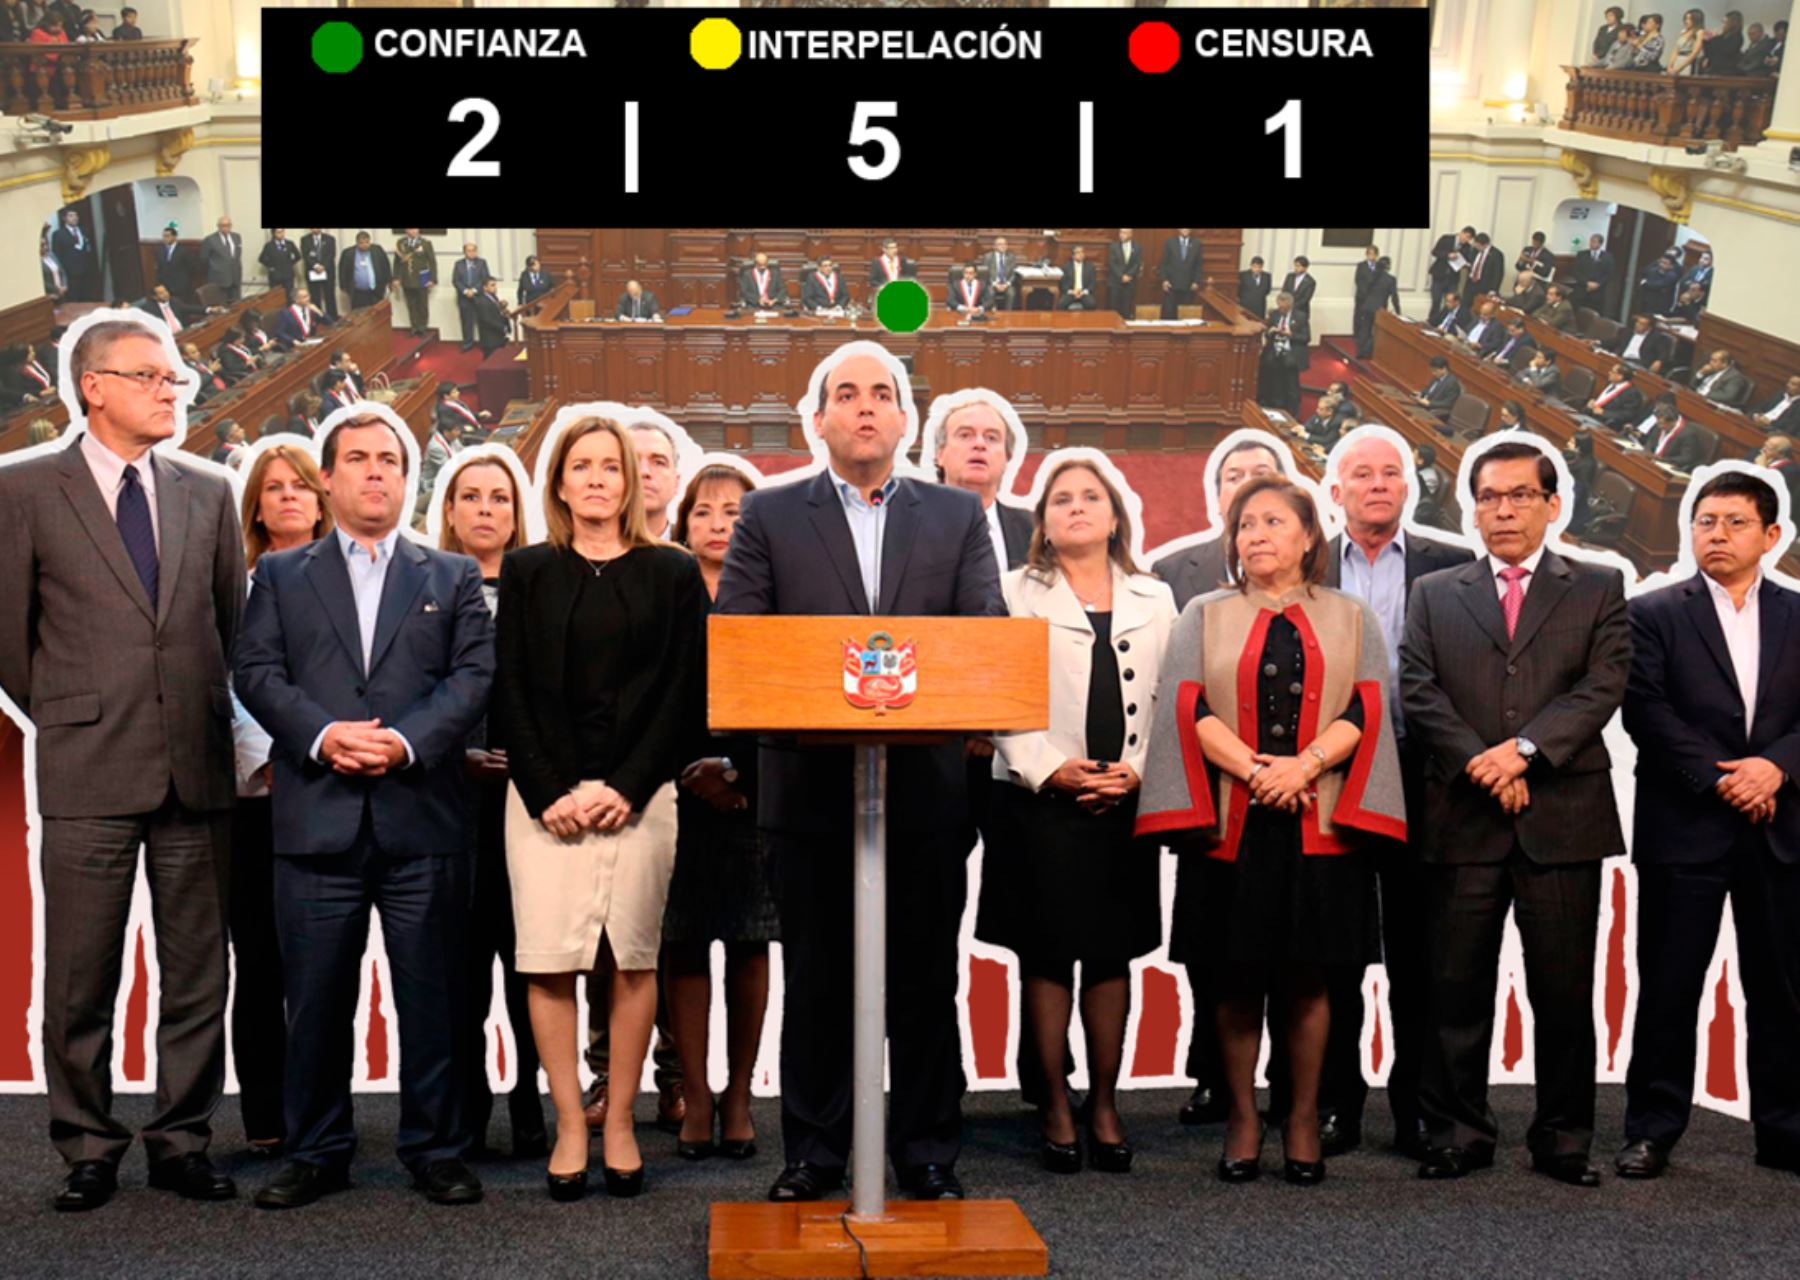 Una censura y cinco interpelaciones afrontó el gabinete Zavala. Foto: Archivo.